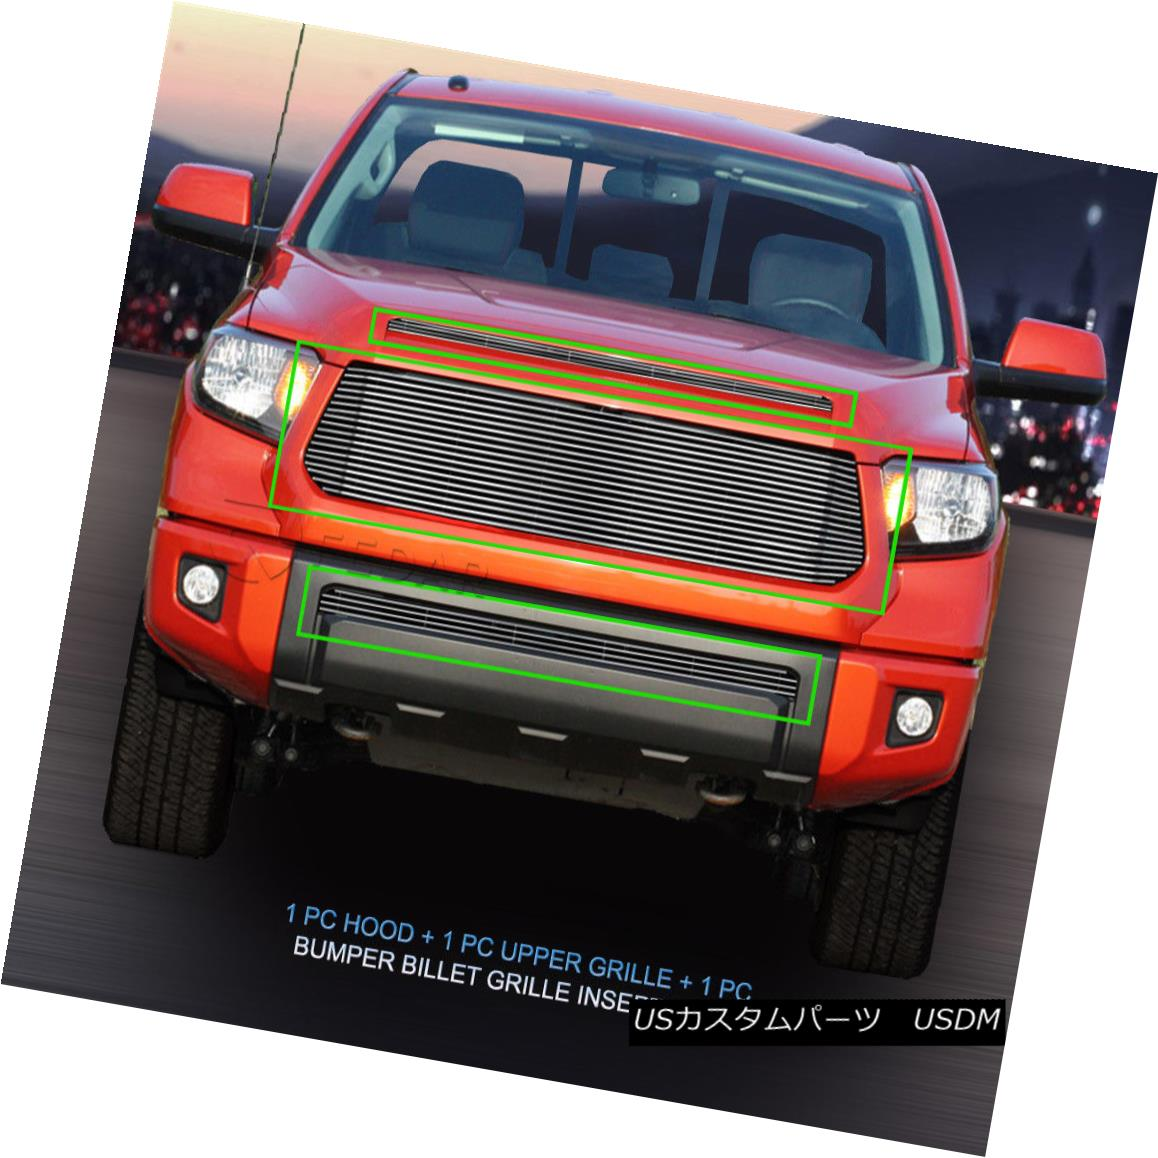 グリル 2014-2016 Toyota Tundra Billet Grille Grill Combo Insert 3 Pcs Fedar 2014-2016トヨタトンドラビレットグリルグリルコンボインサート3個入りFedar